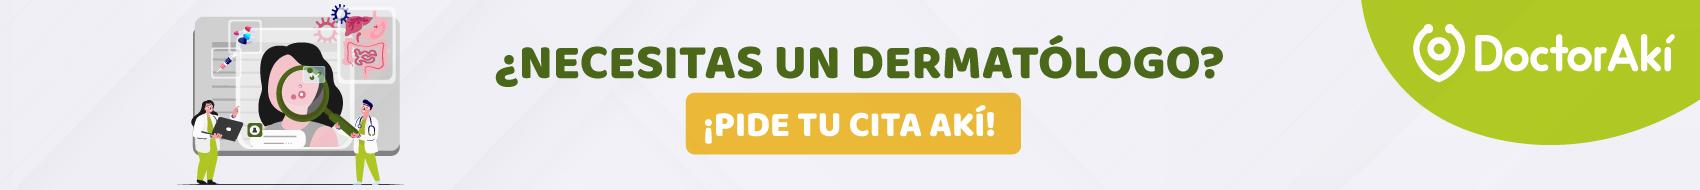 Cita dermatología - 1700X190